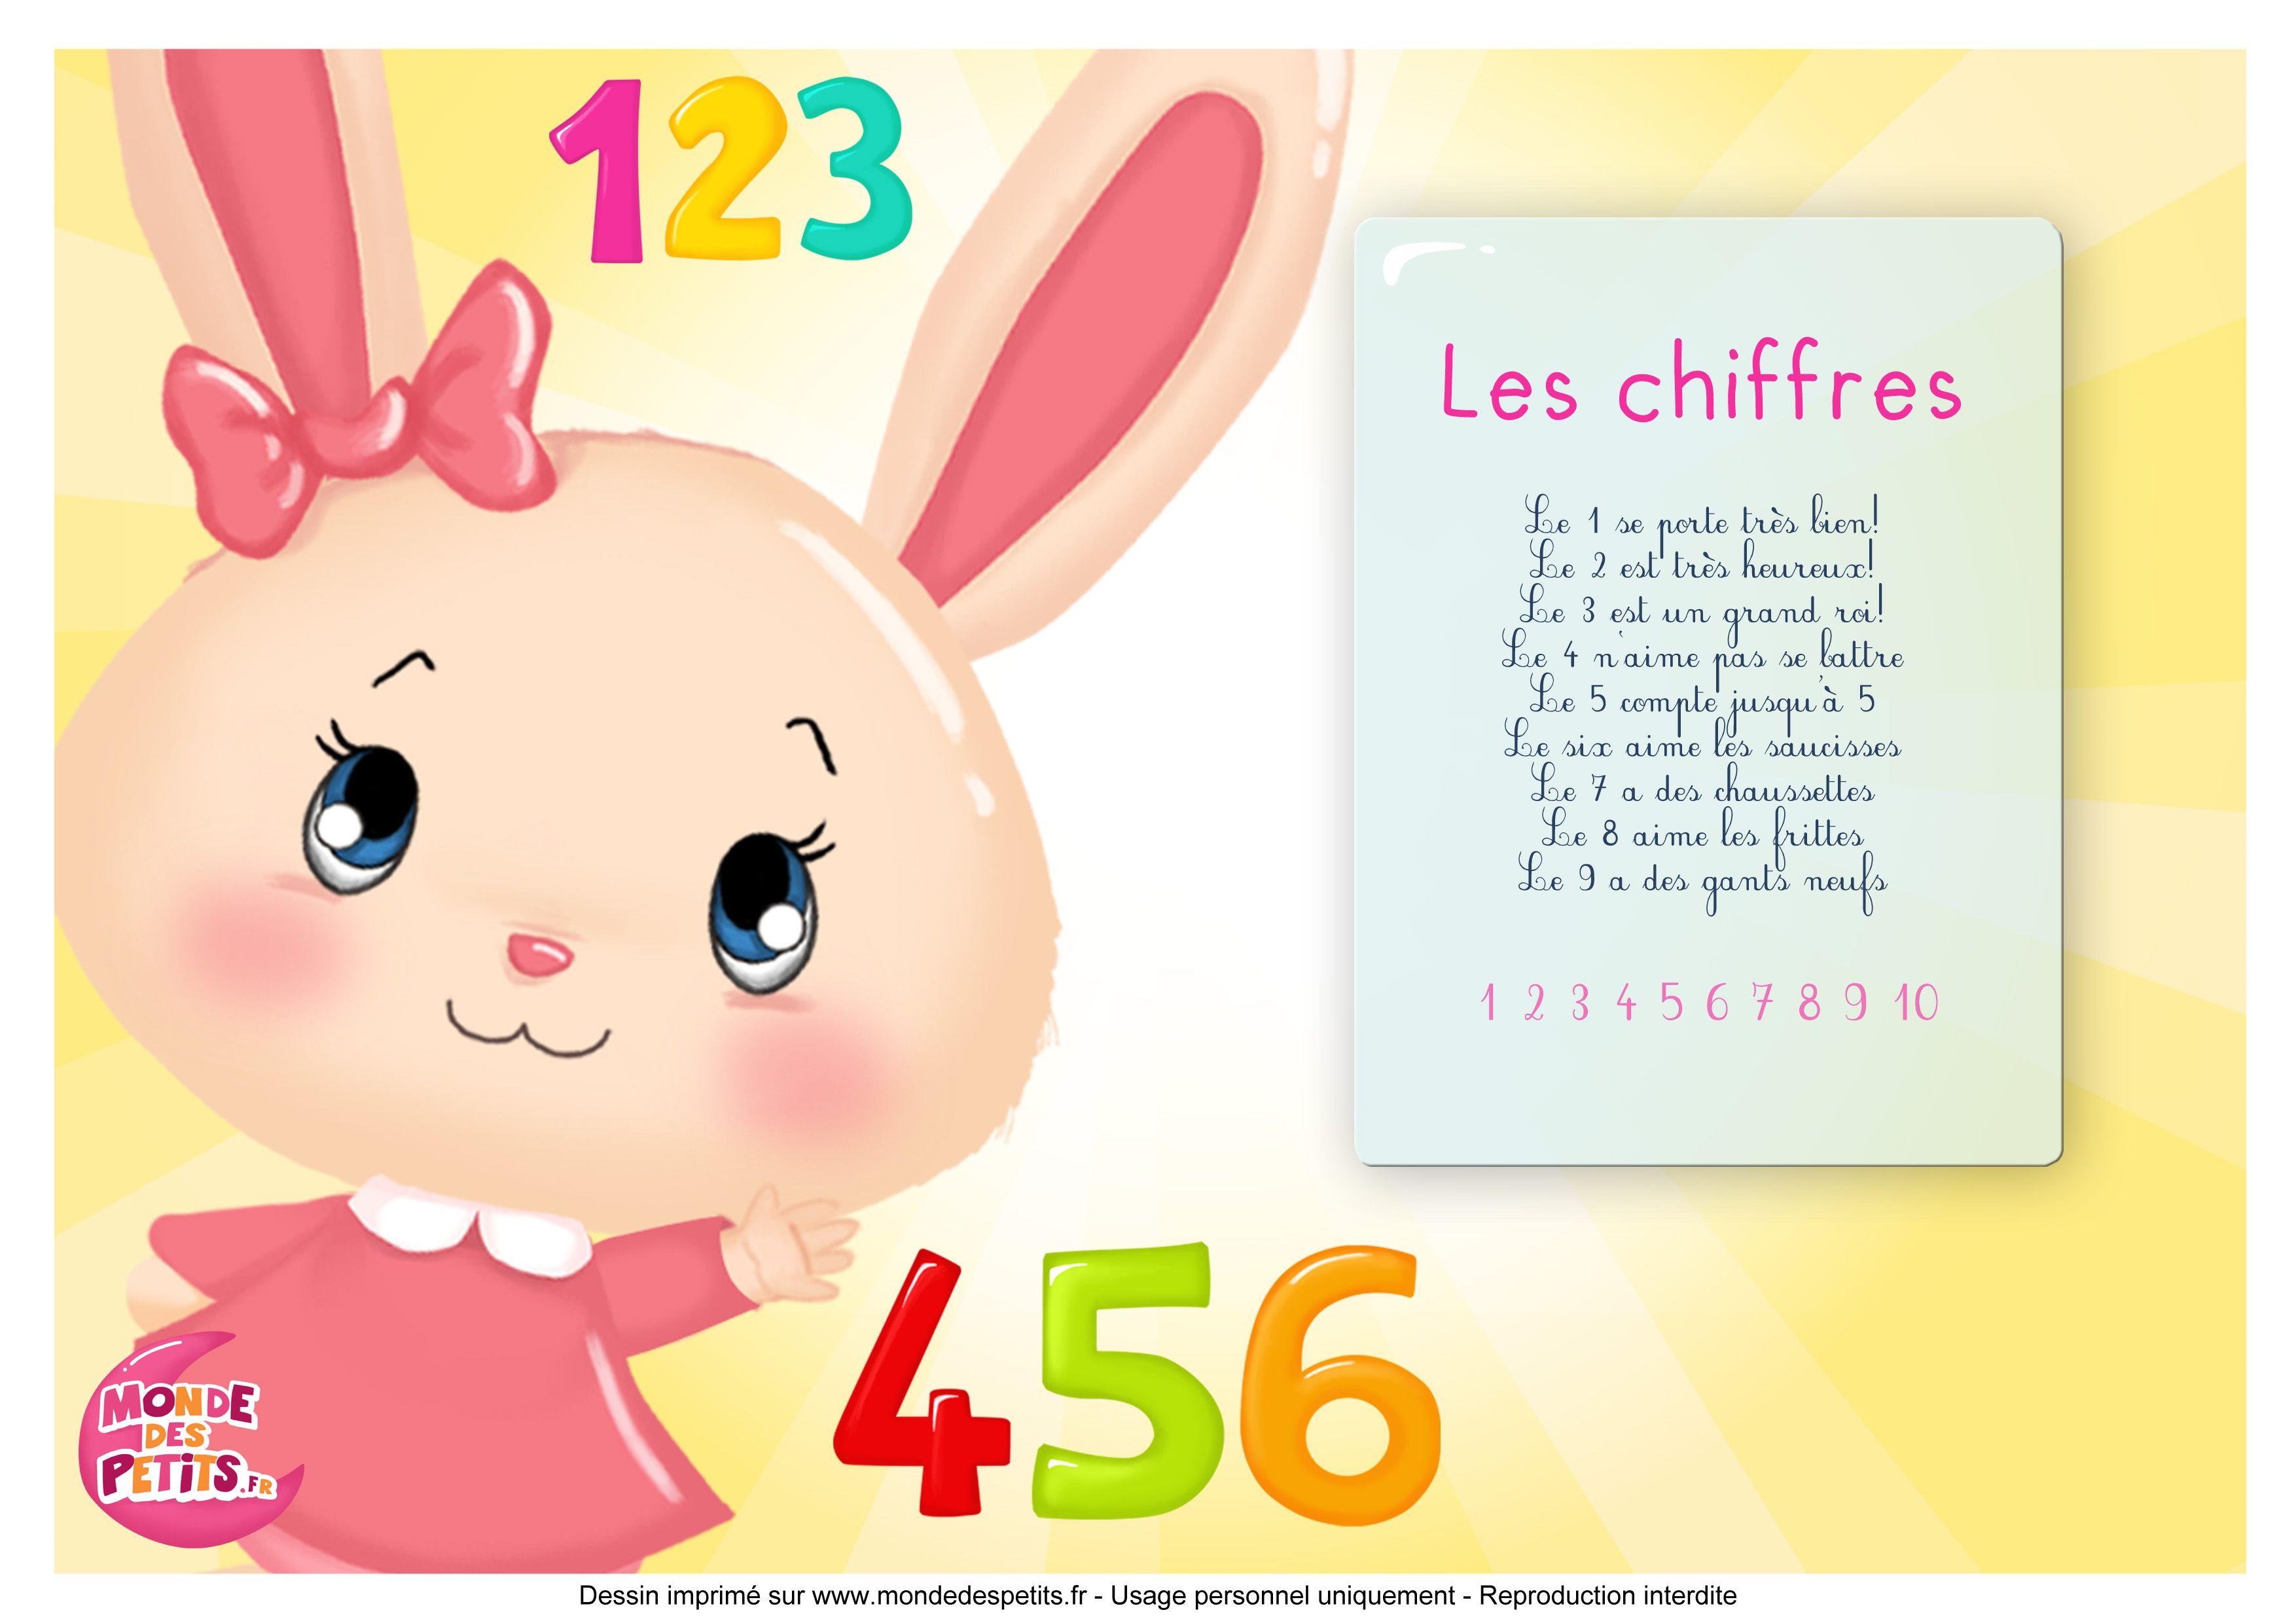 Paroles_La Chanson Des Chiffres Avec Les Princesses avec Chanson Pour Bebe 1 An